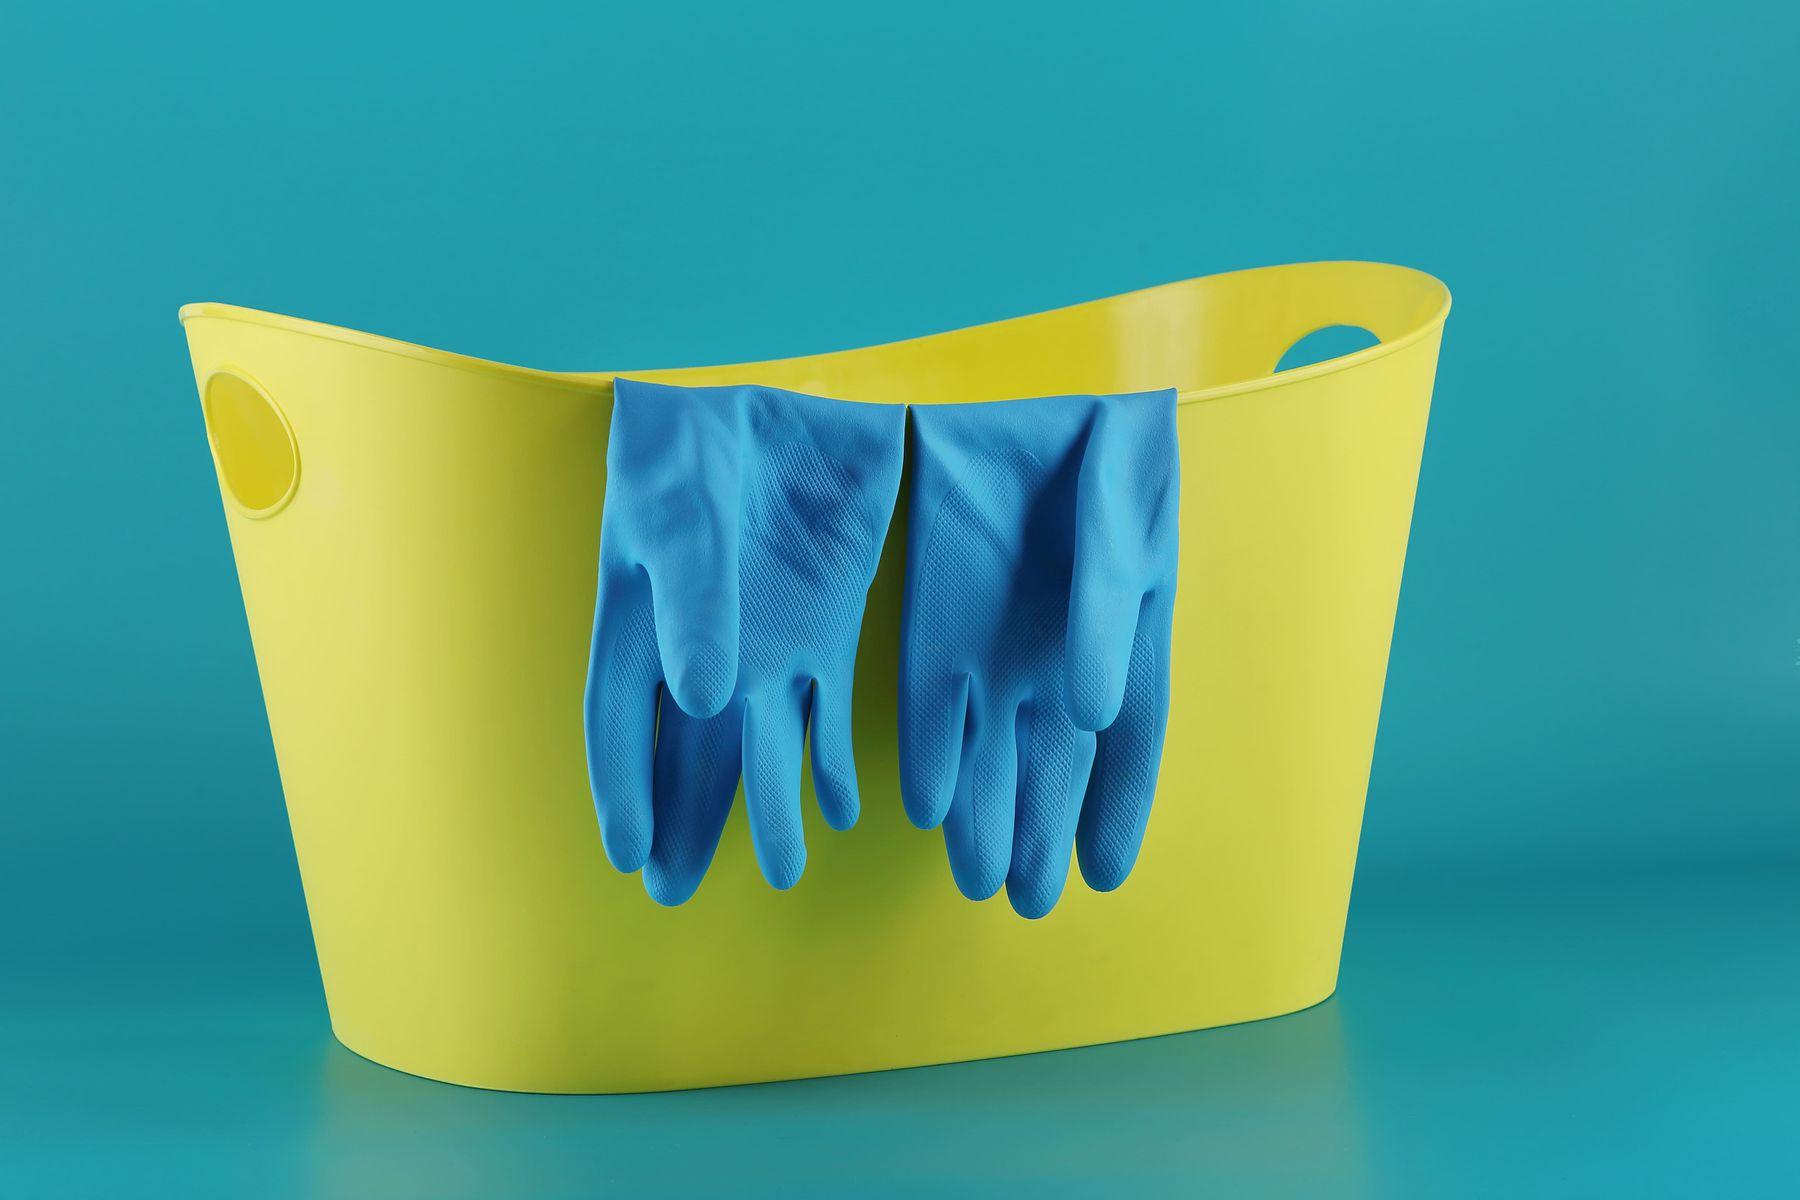 blaue Gummihandschuhe und gelber Eimer auf grünem Hintergrund